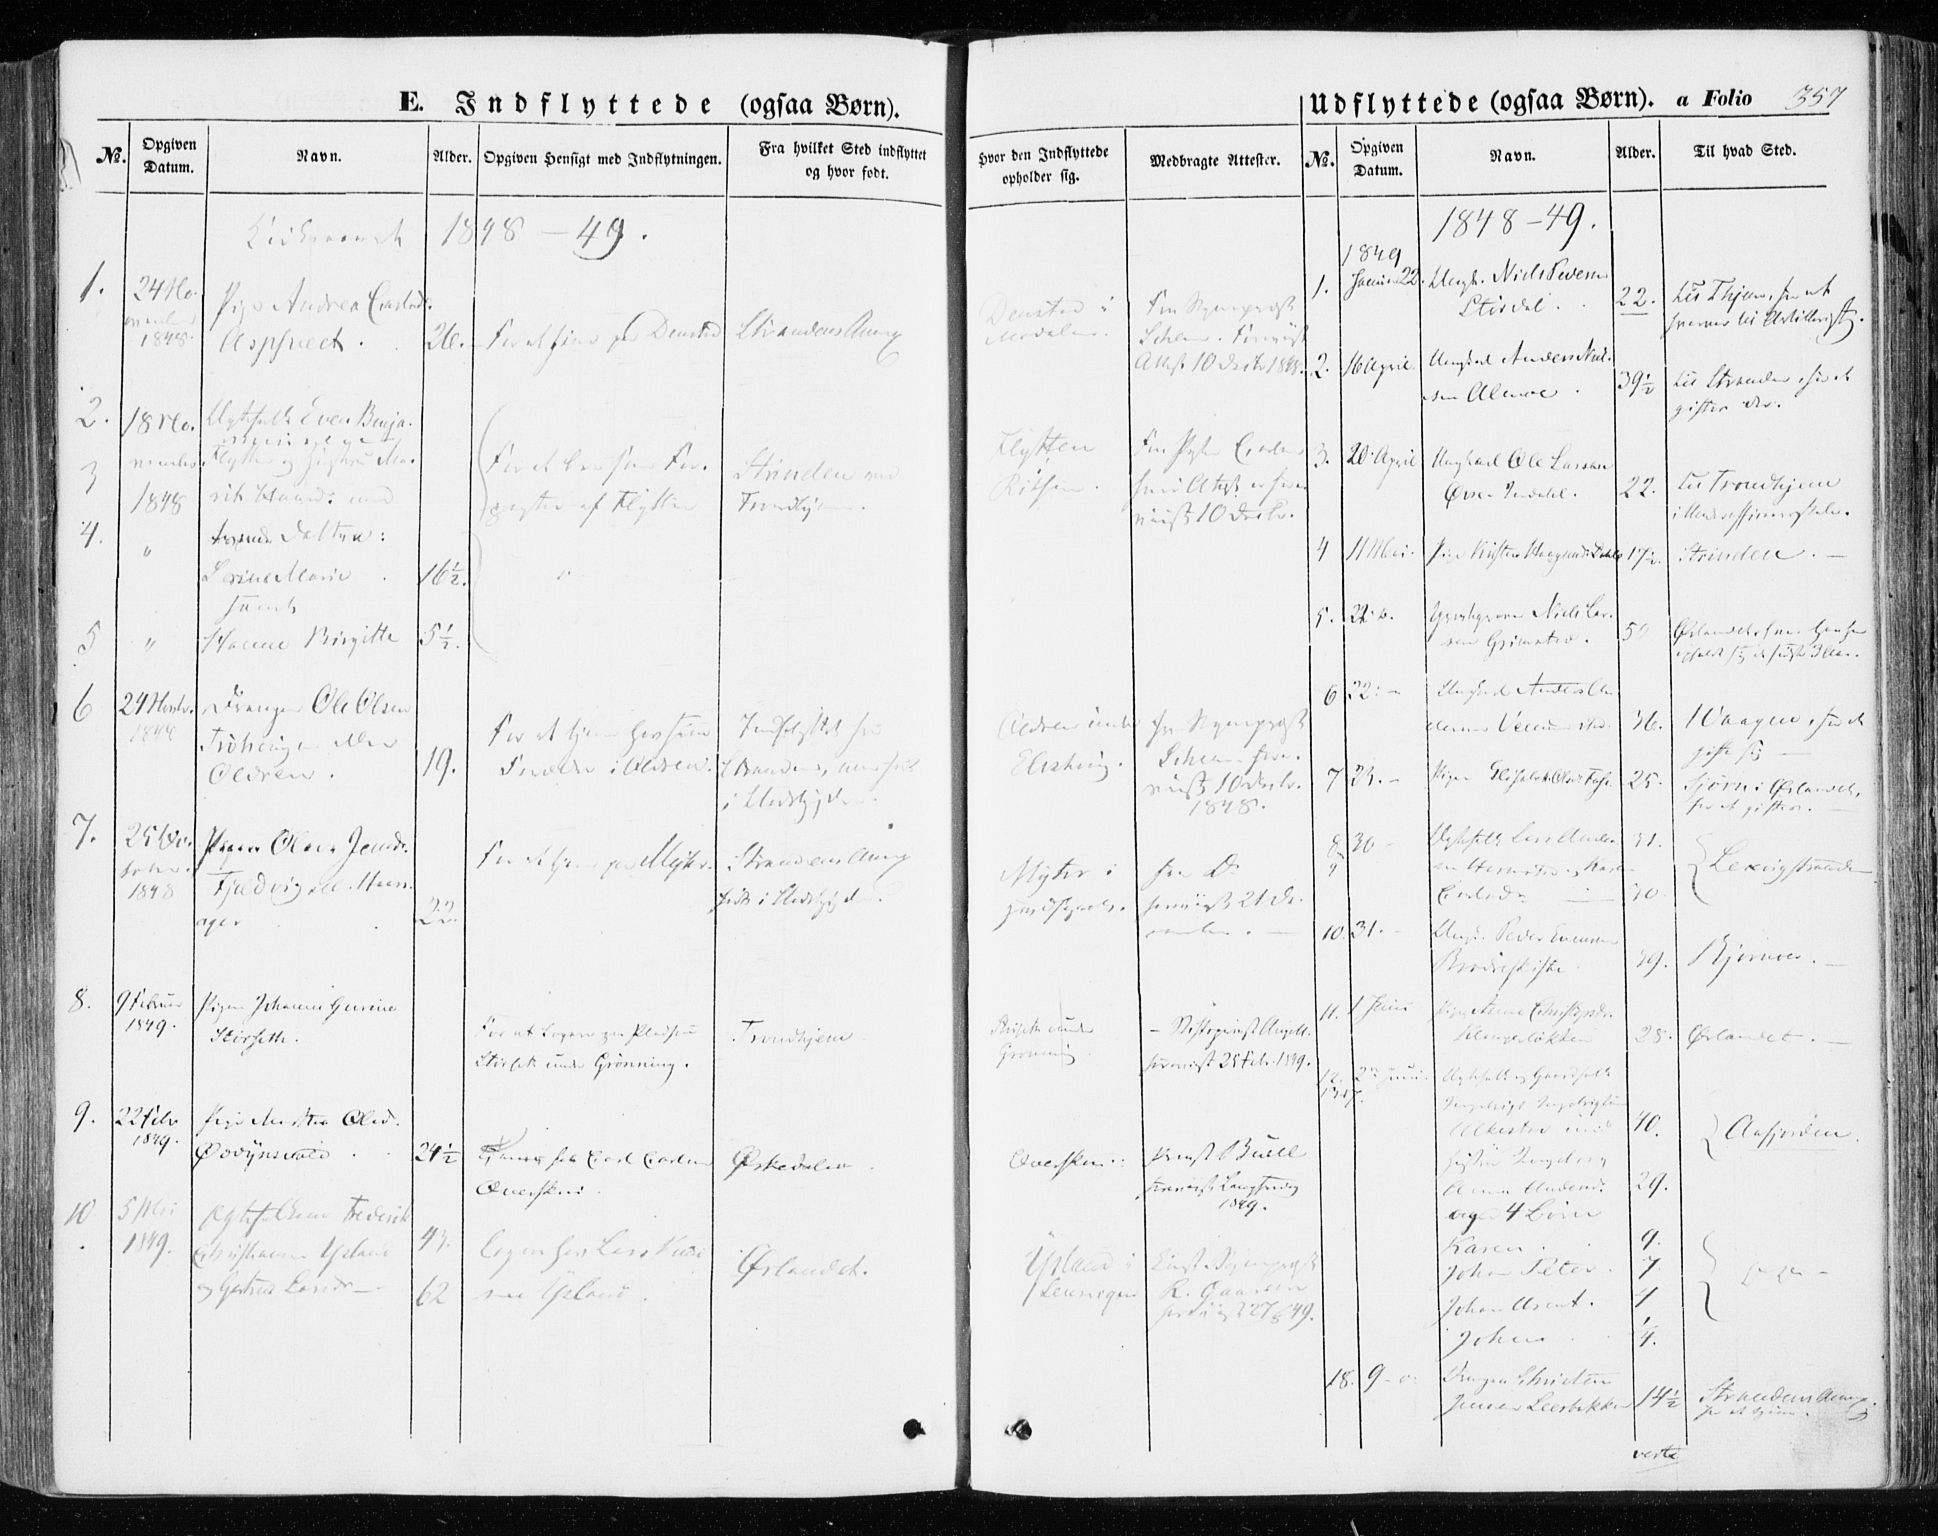 SAT, Ministerialprotokoller, klokkerbøker og fødselsregistre - Sør-Trøndelag, 646/L0611: Ministerialbok nr. 646A09, 1848-1857, s. 357